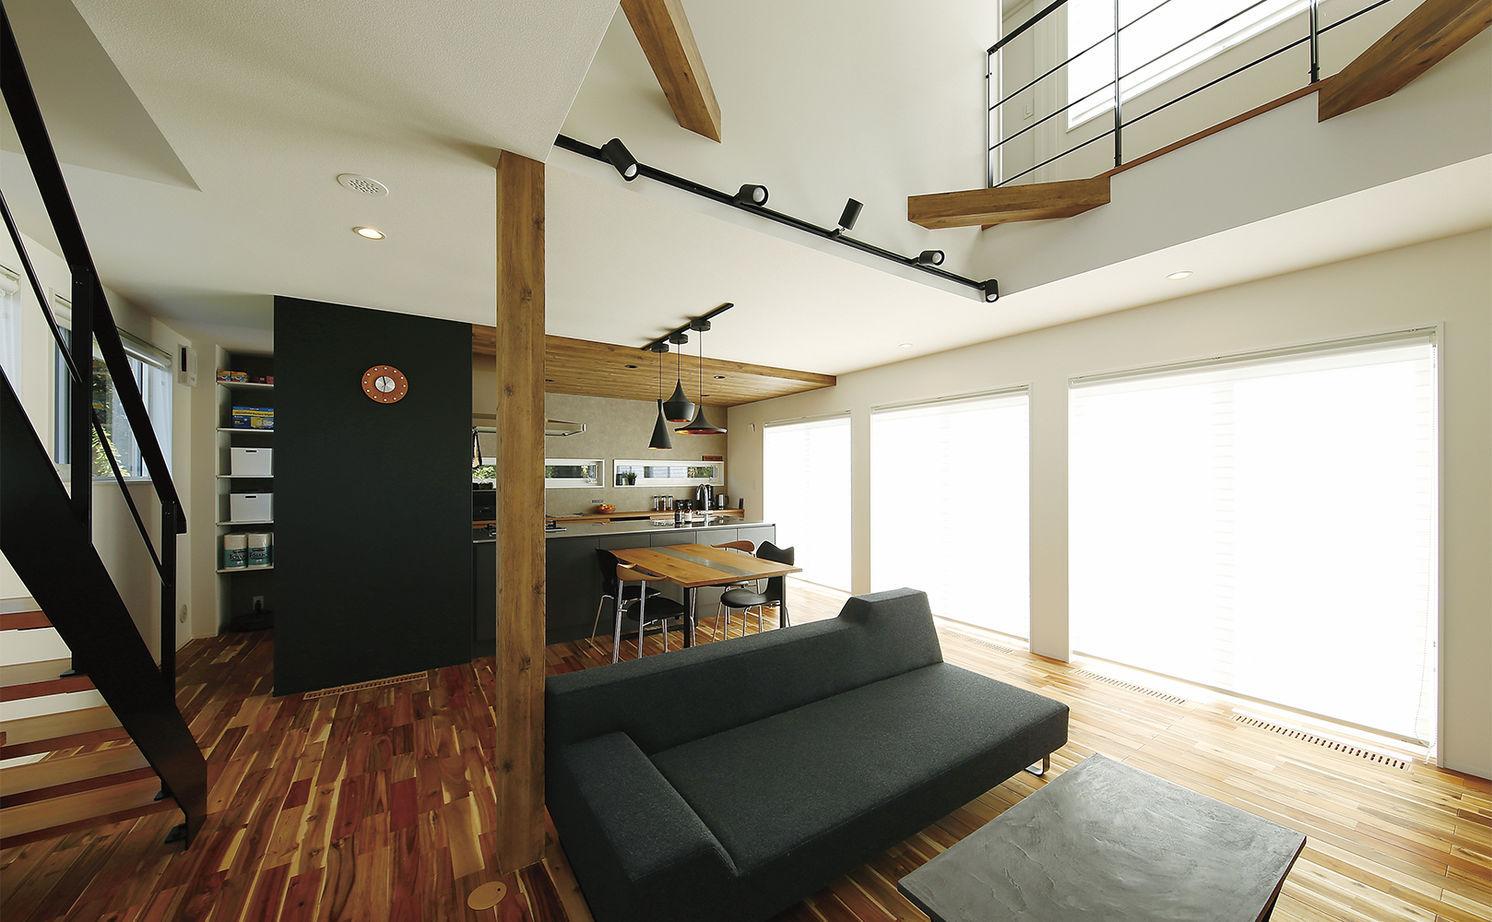 【2300万円/床下冷暖房システム/鉄骨階段/借景】1階をワンフロアの大空間に画像1